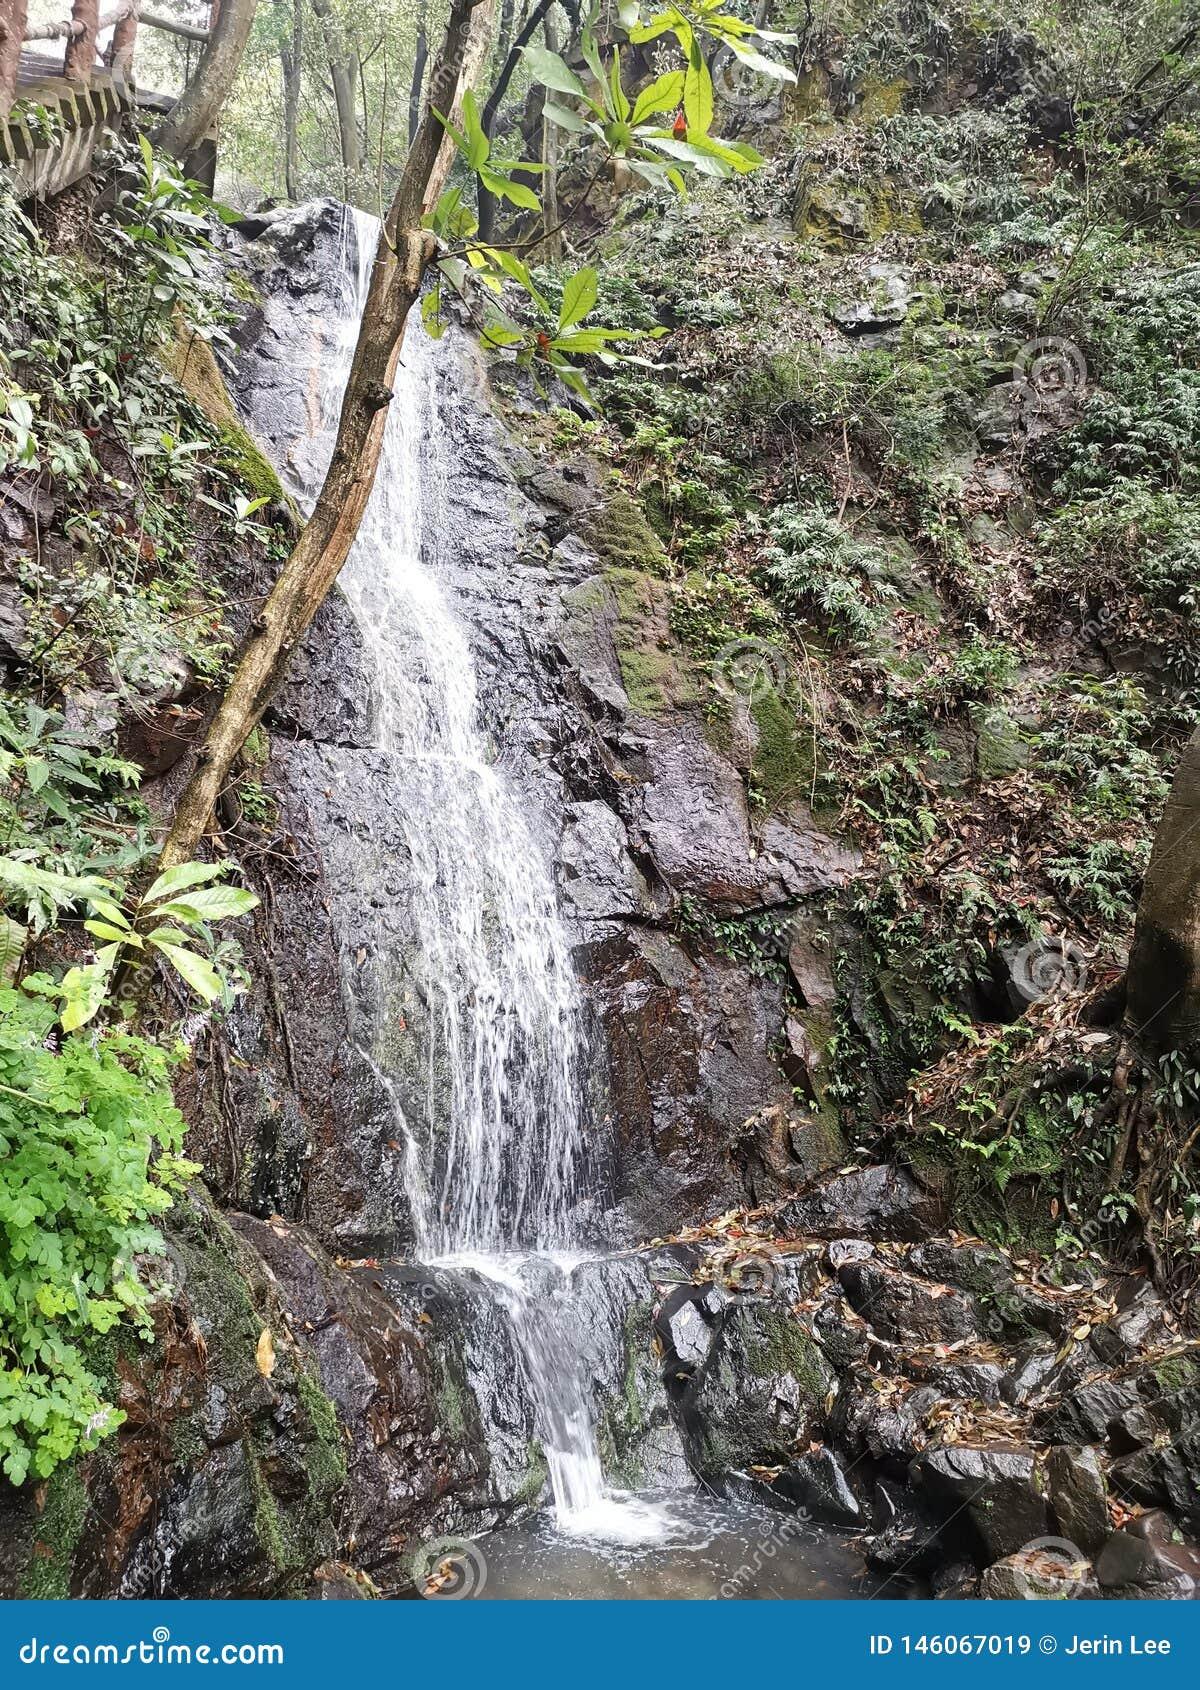 Small waterfall in Hangzhou Jiuxiyanshu